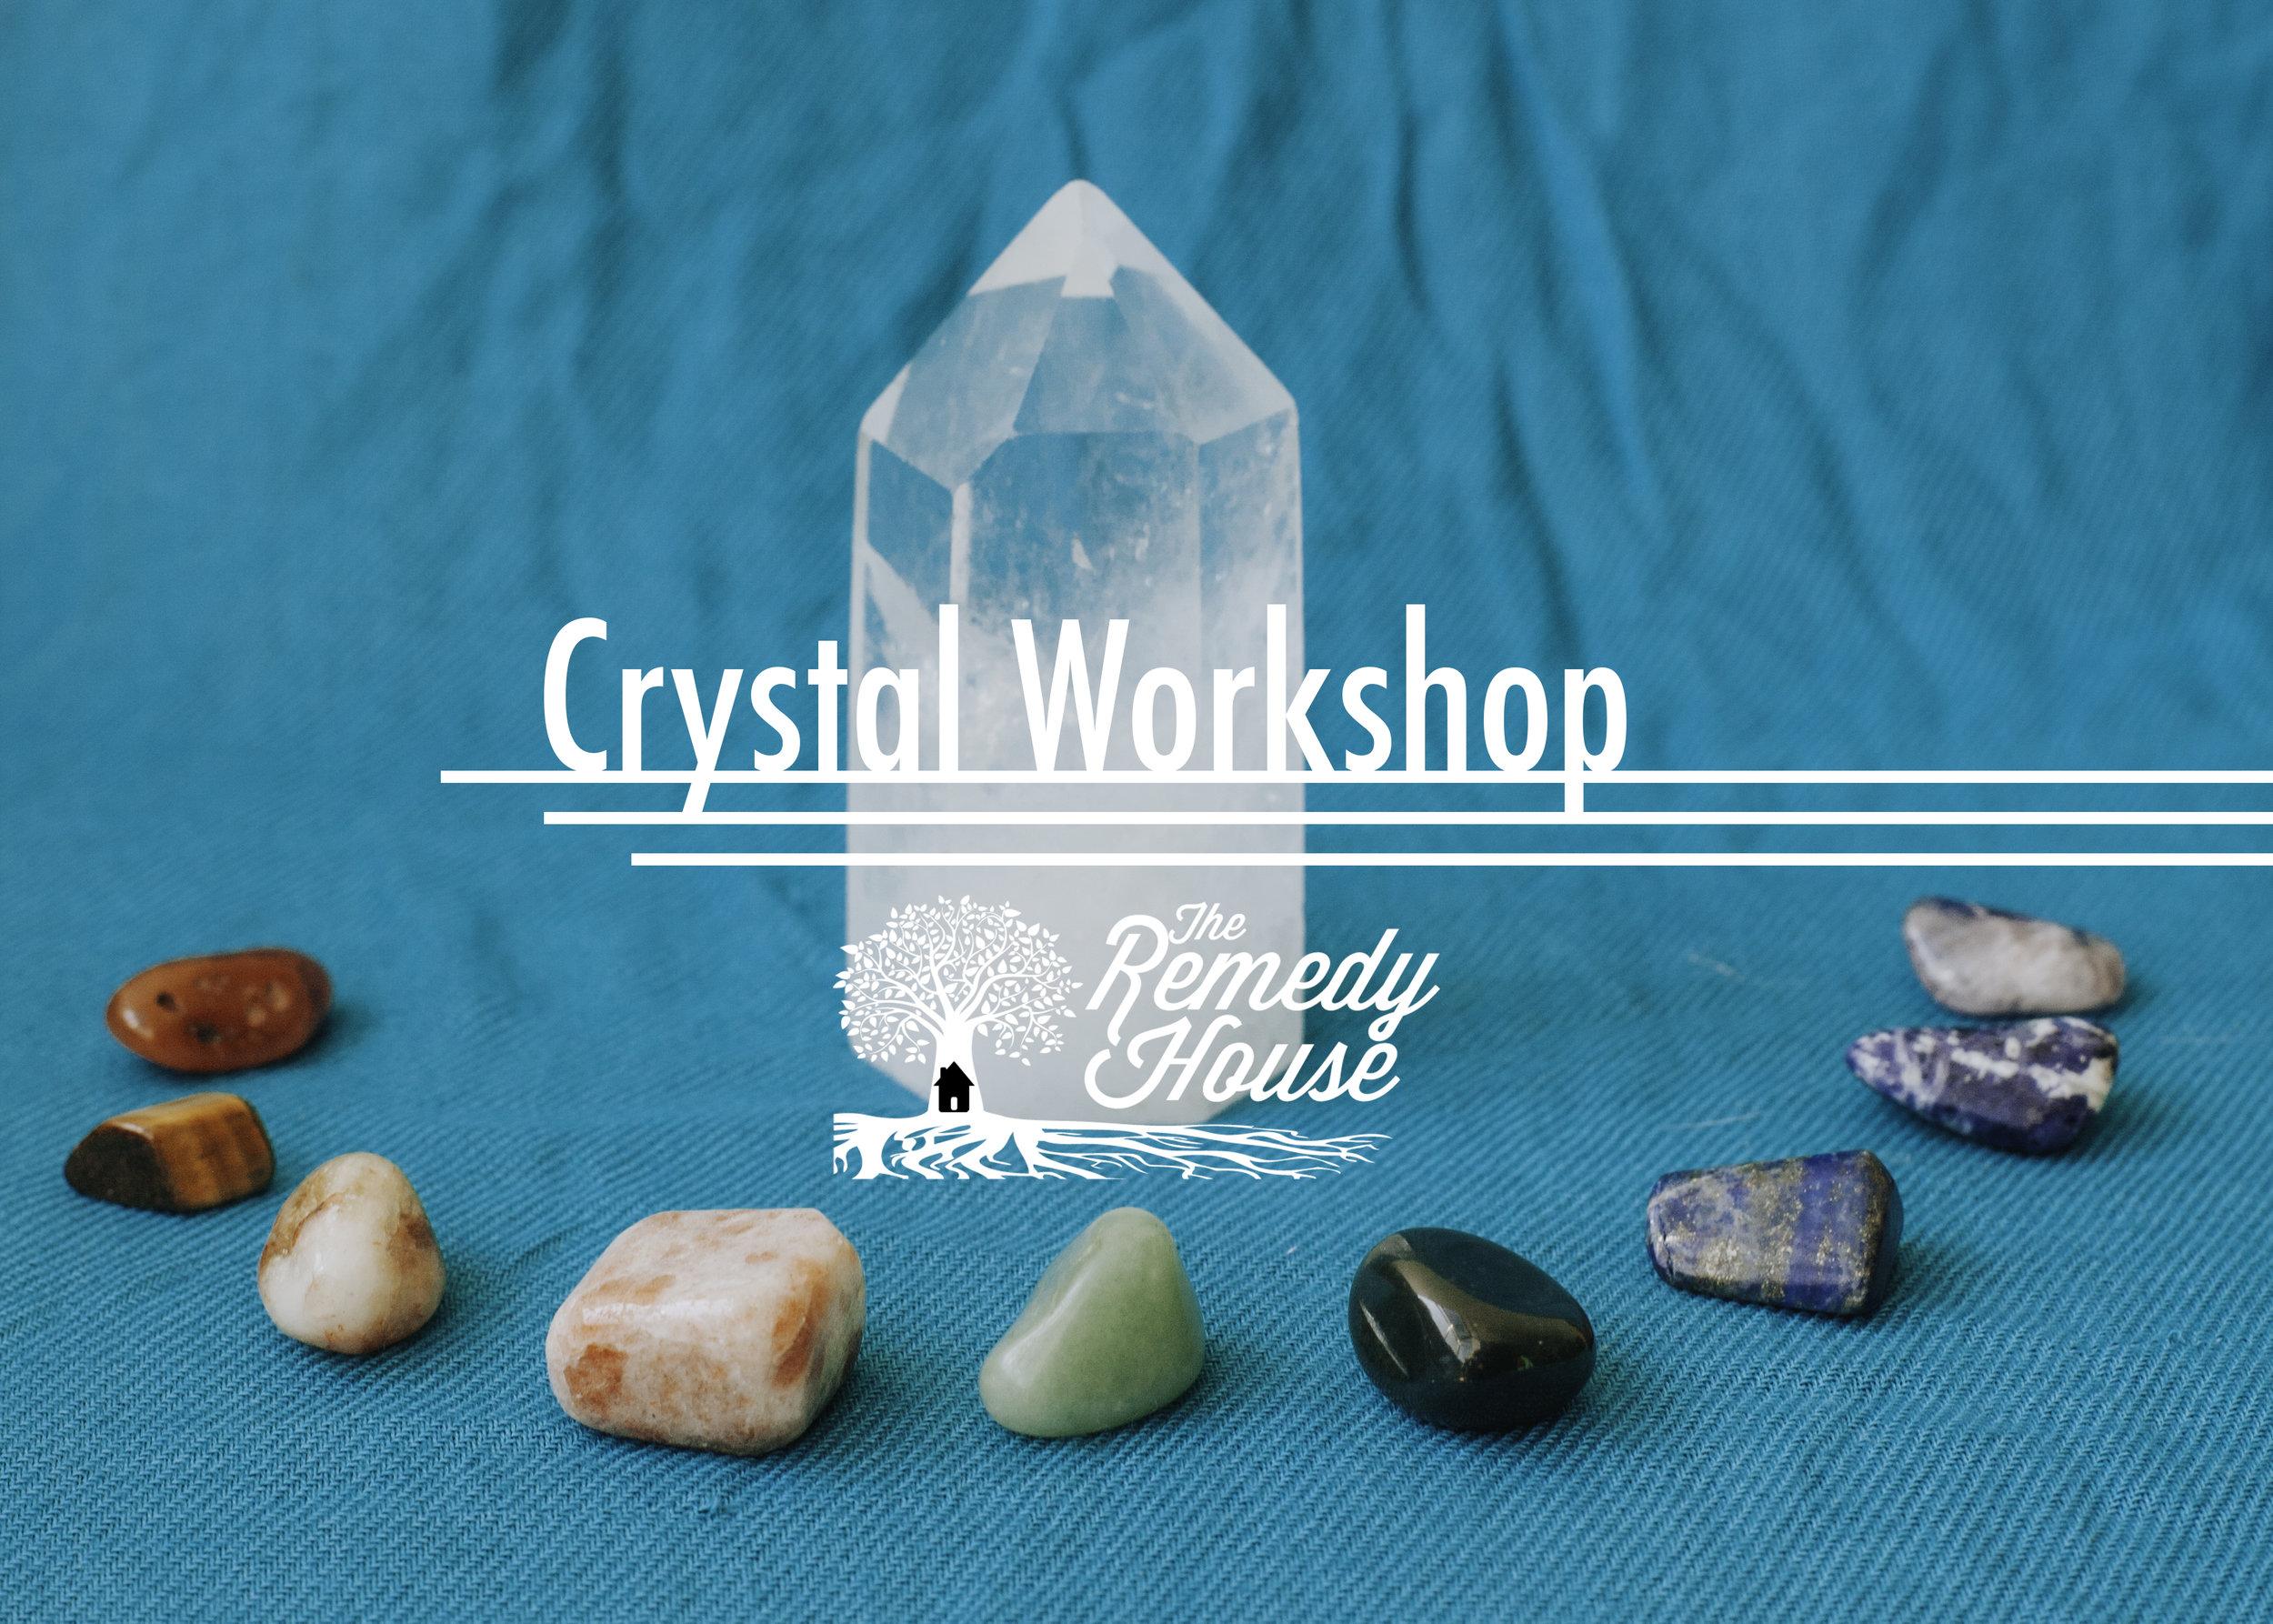 CrystalWorkshop.jpg